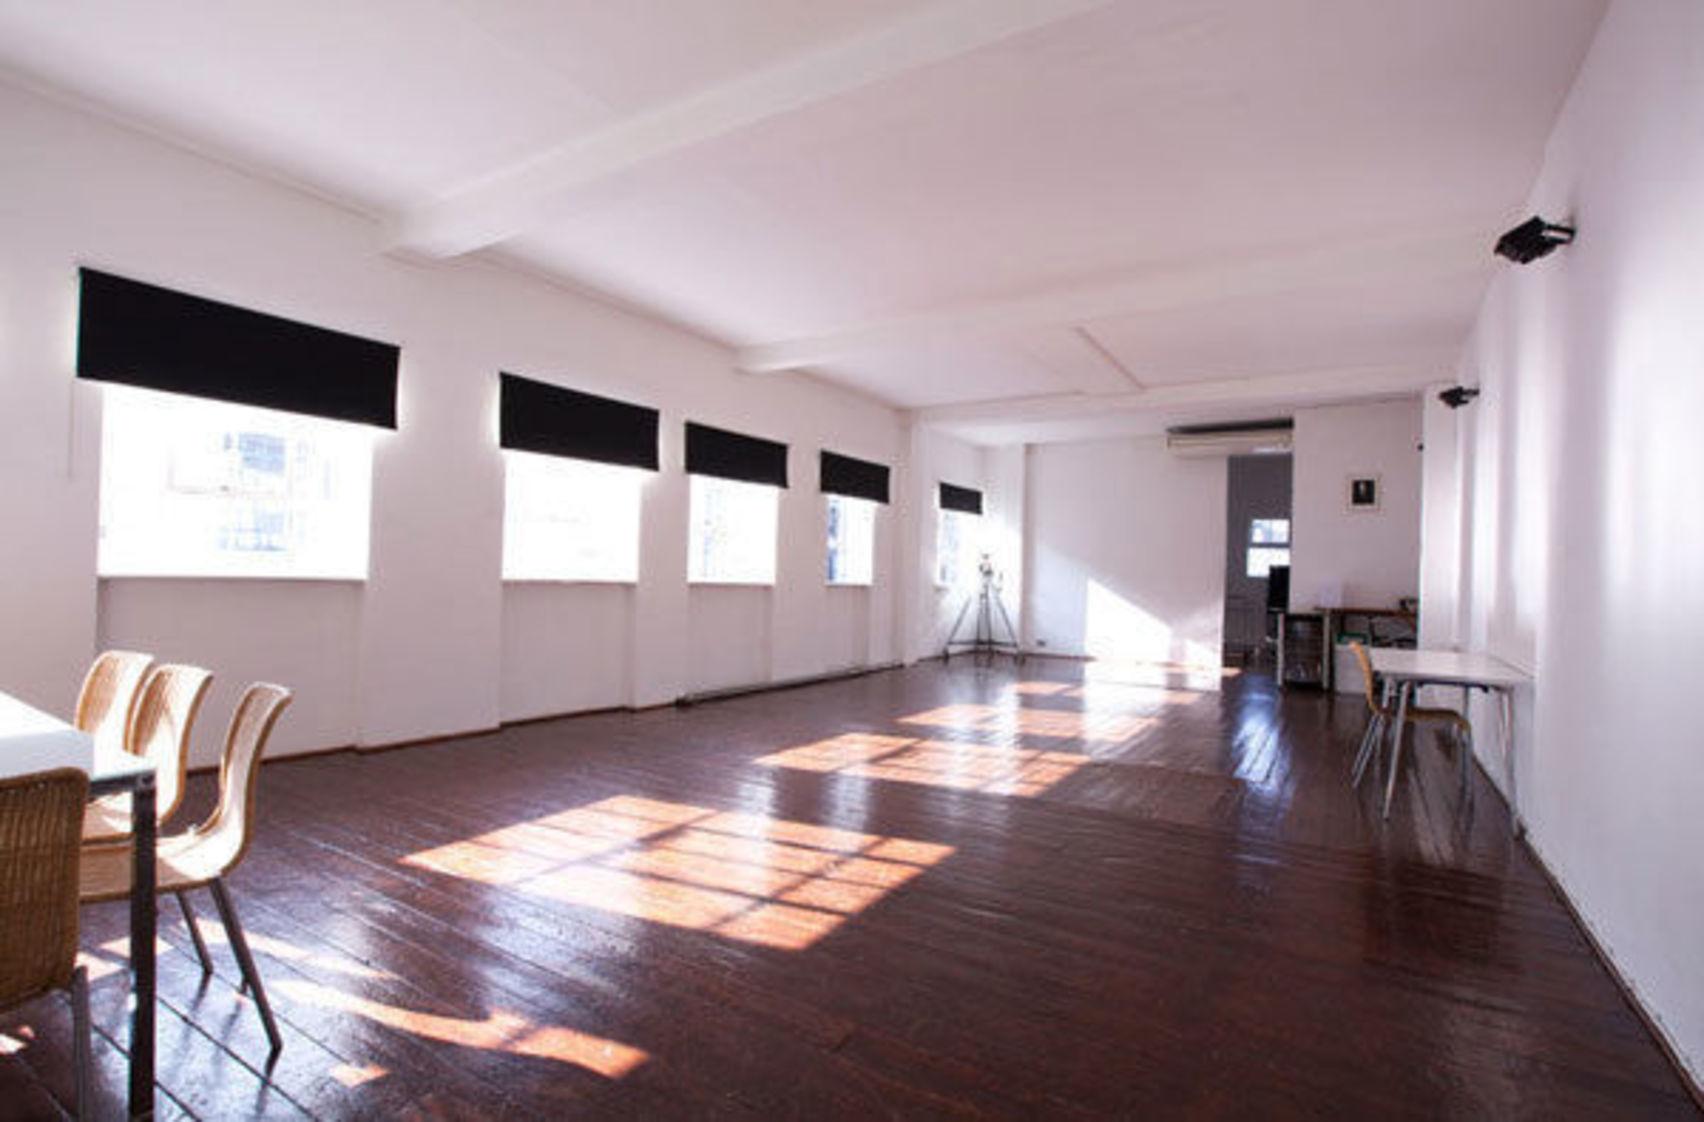 Studio 4, The Worx